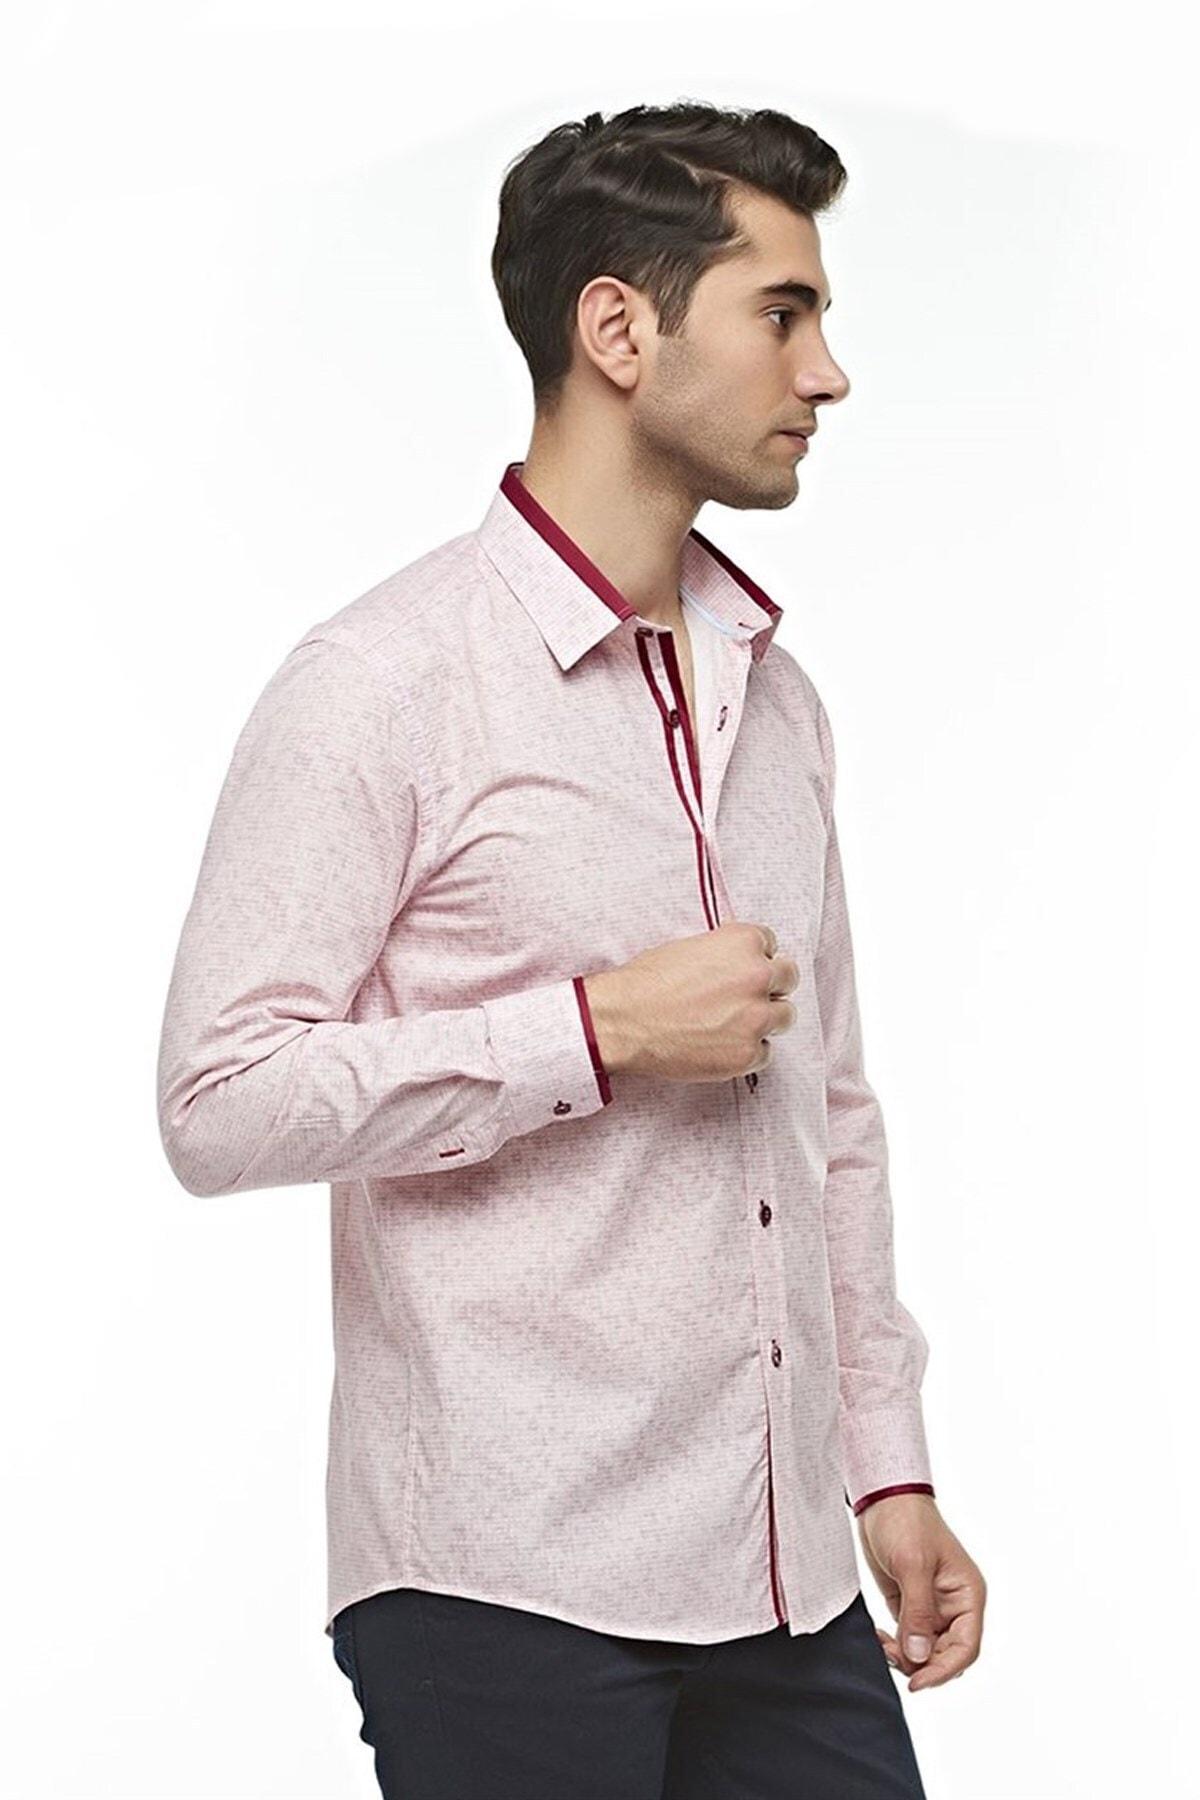 Ottomoda Uzun Kollu Geometrik Desenli Erkek Gömlek Kırmızı-bej 2